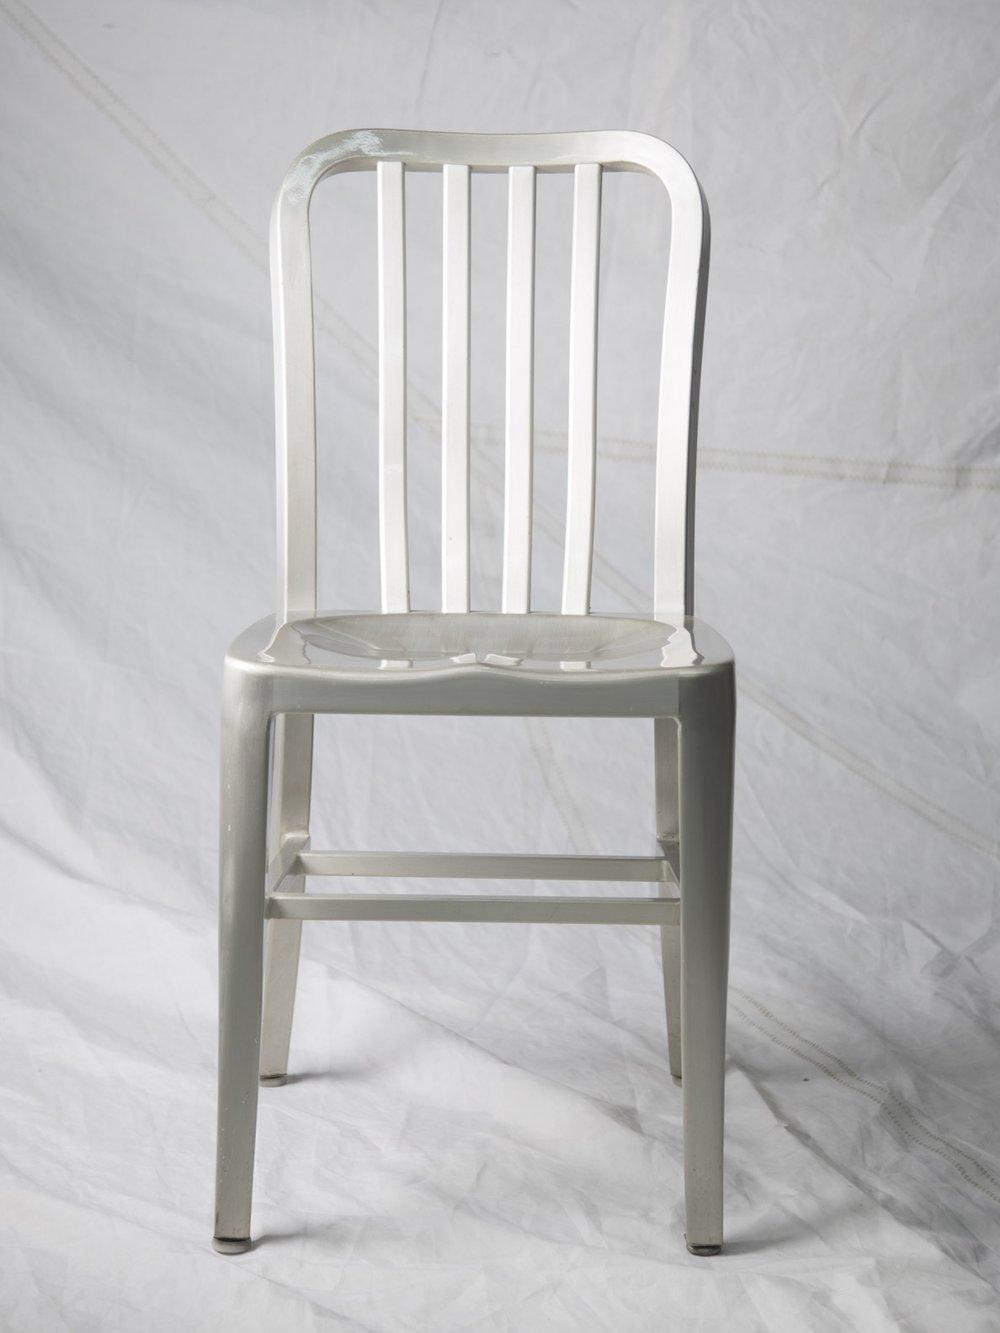 CH061  Vintage aluminum side chair  $75/week